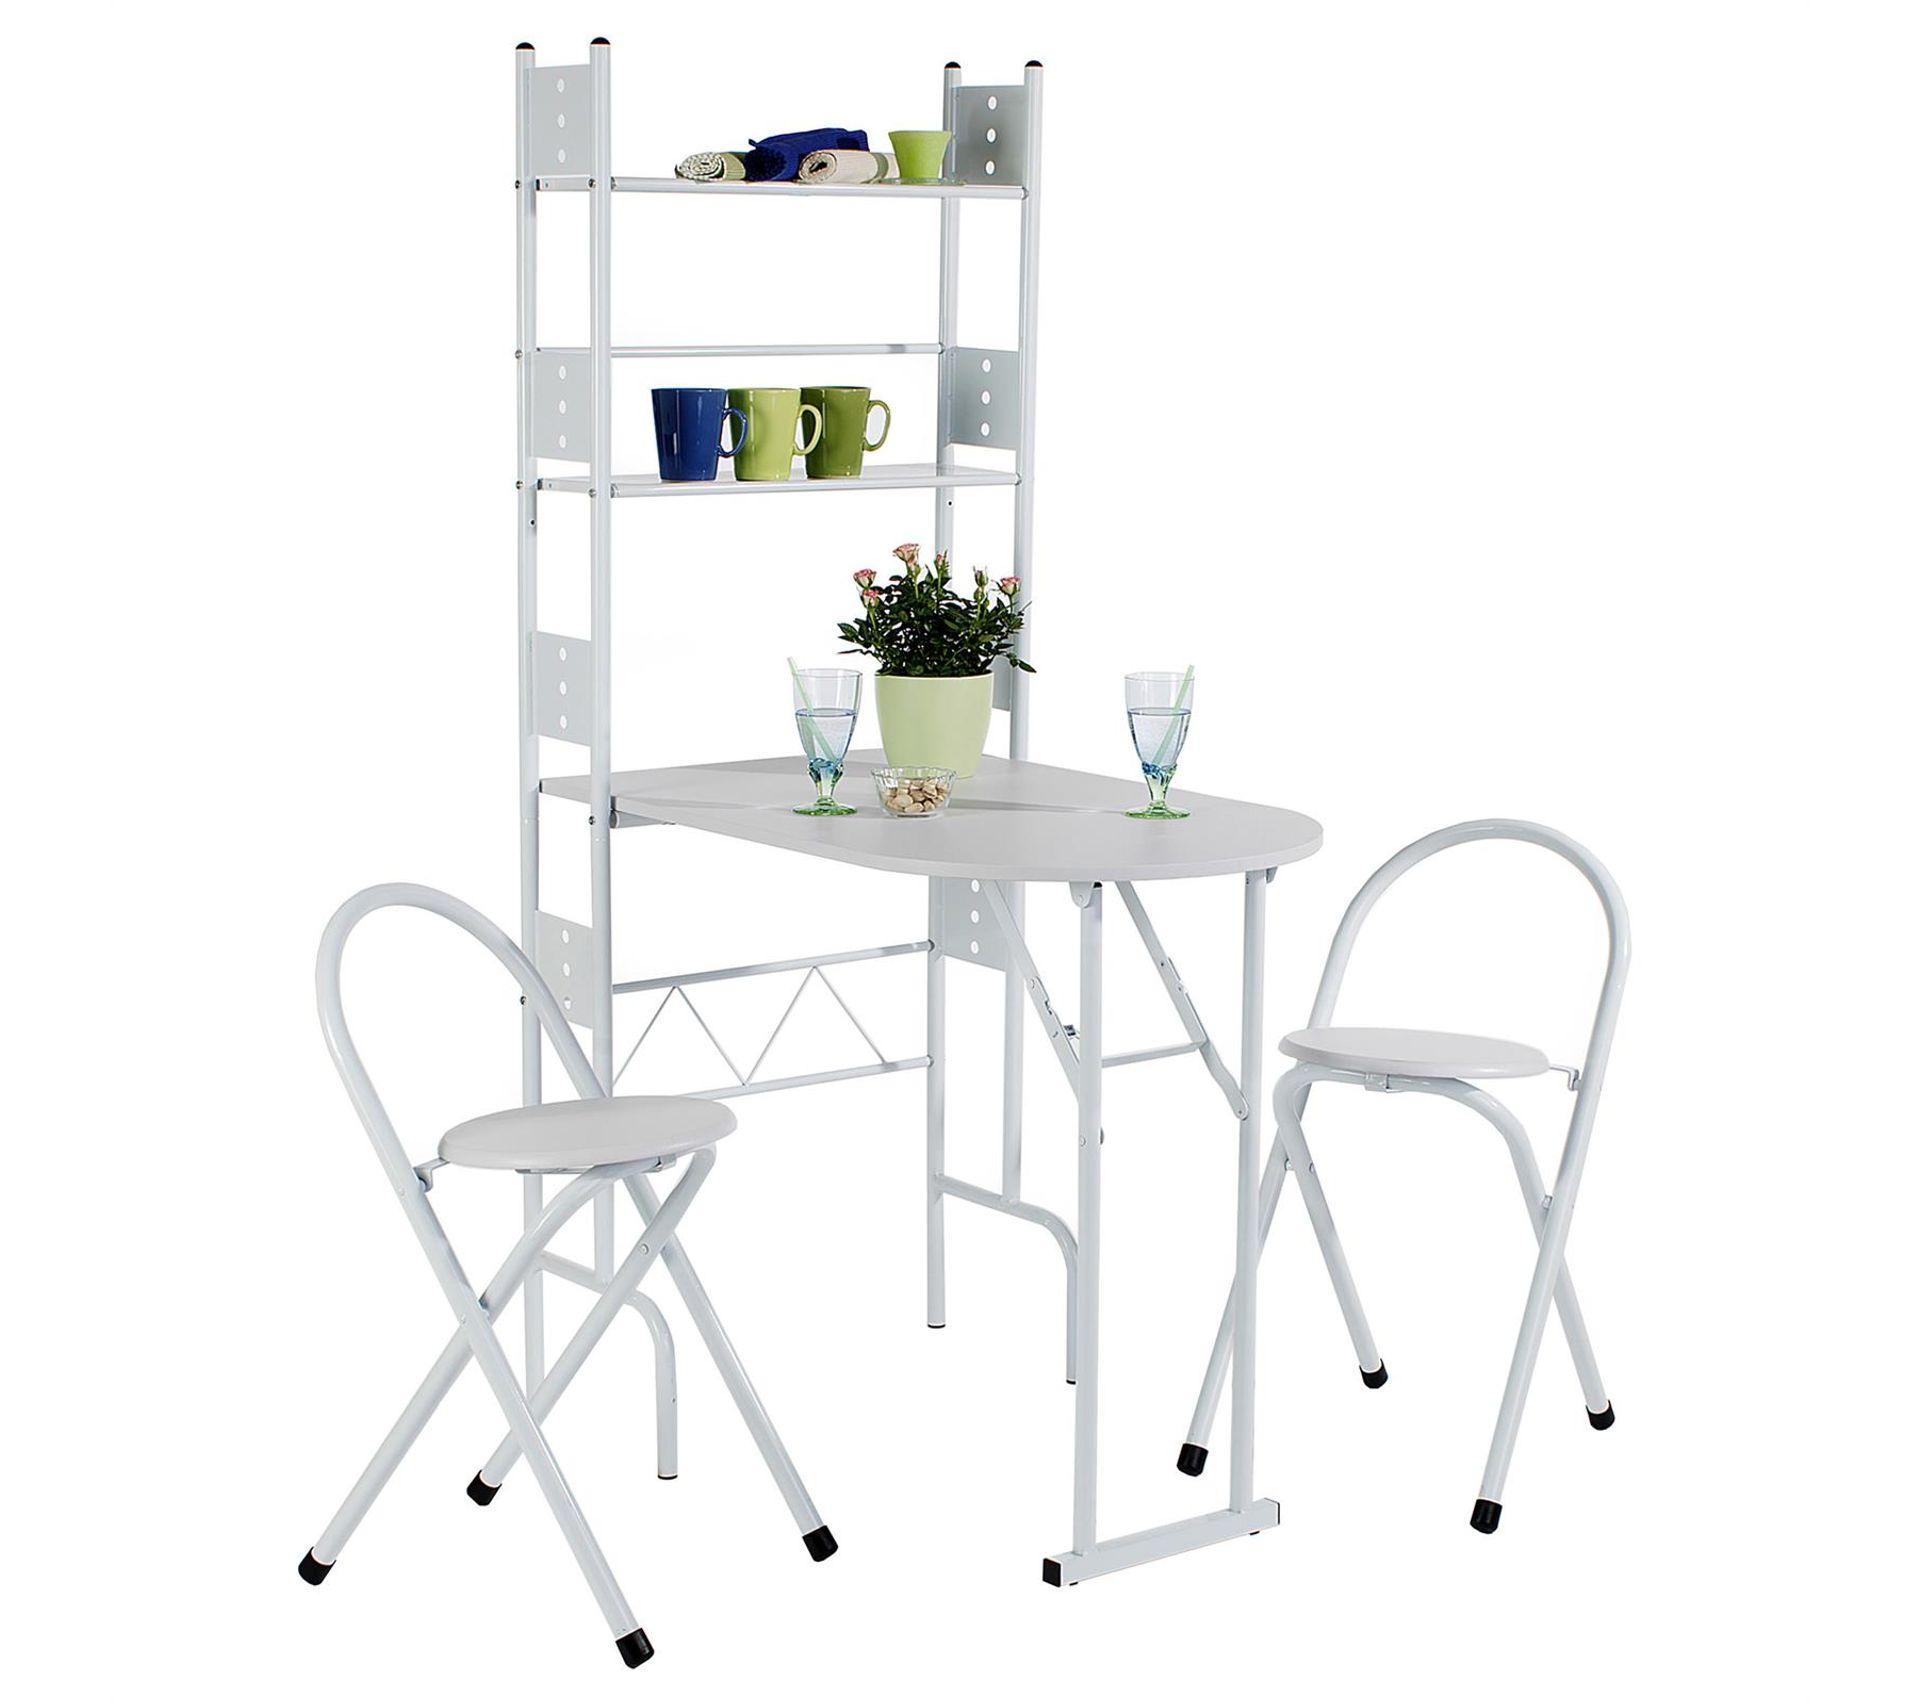 ensemble table de cuisine pliable avec etageres et 2 chaises jonathan blanc